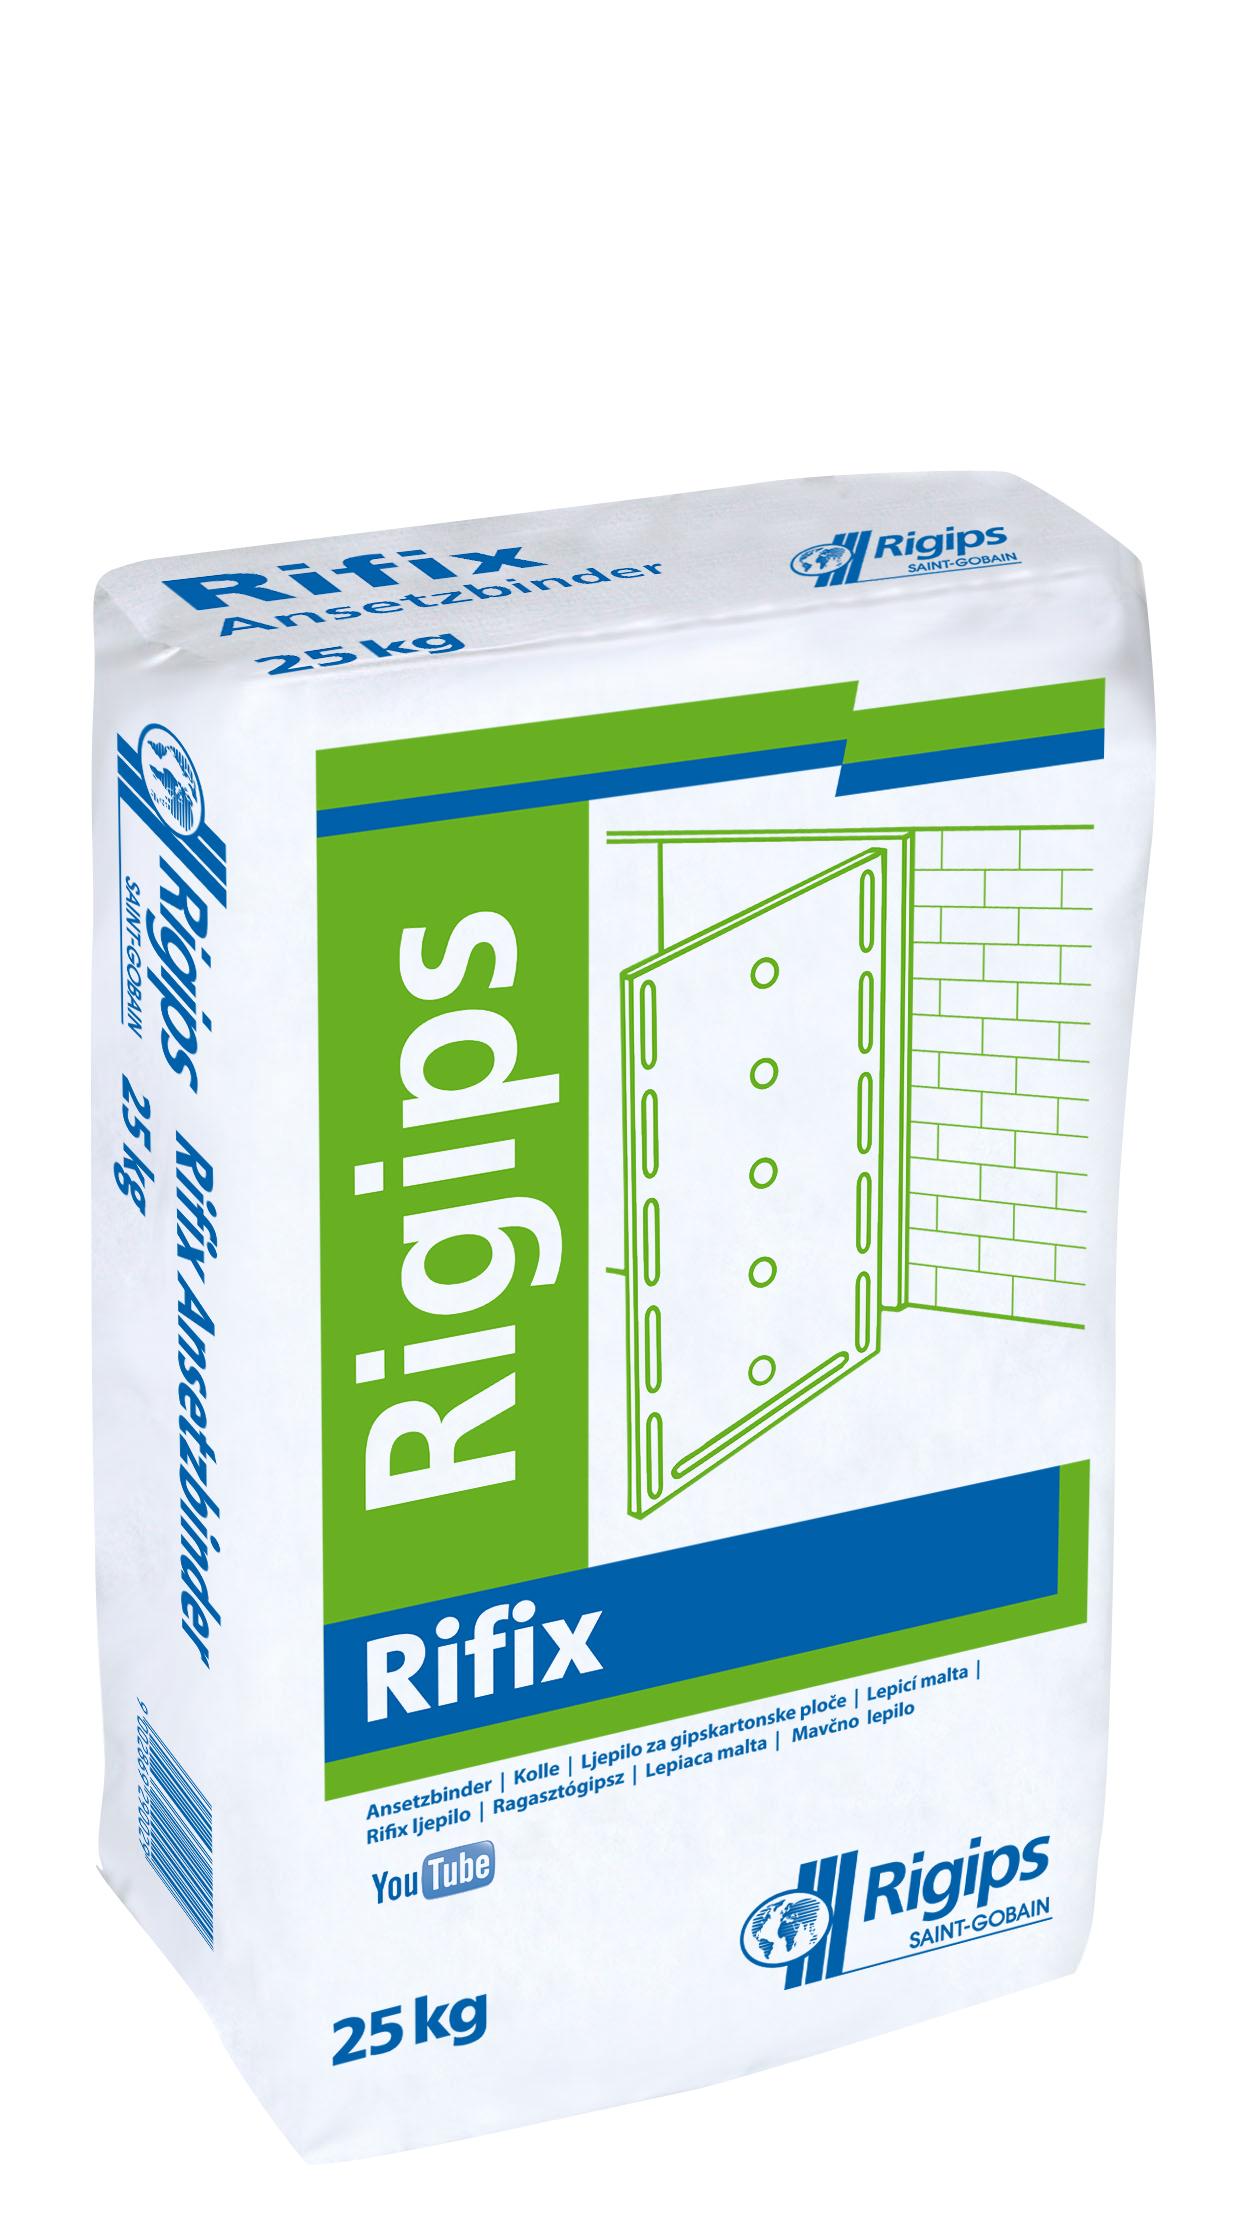 Ljepilo za gips ploče RIFIX, 25 kg, RIGIPS